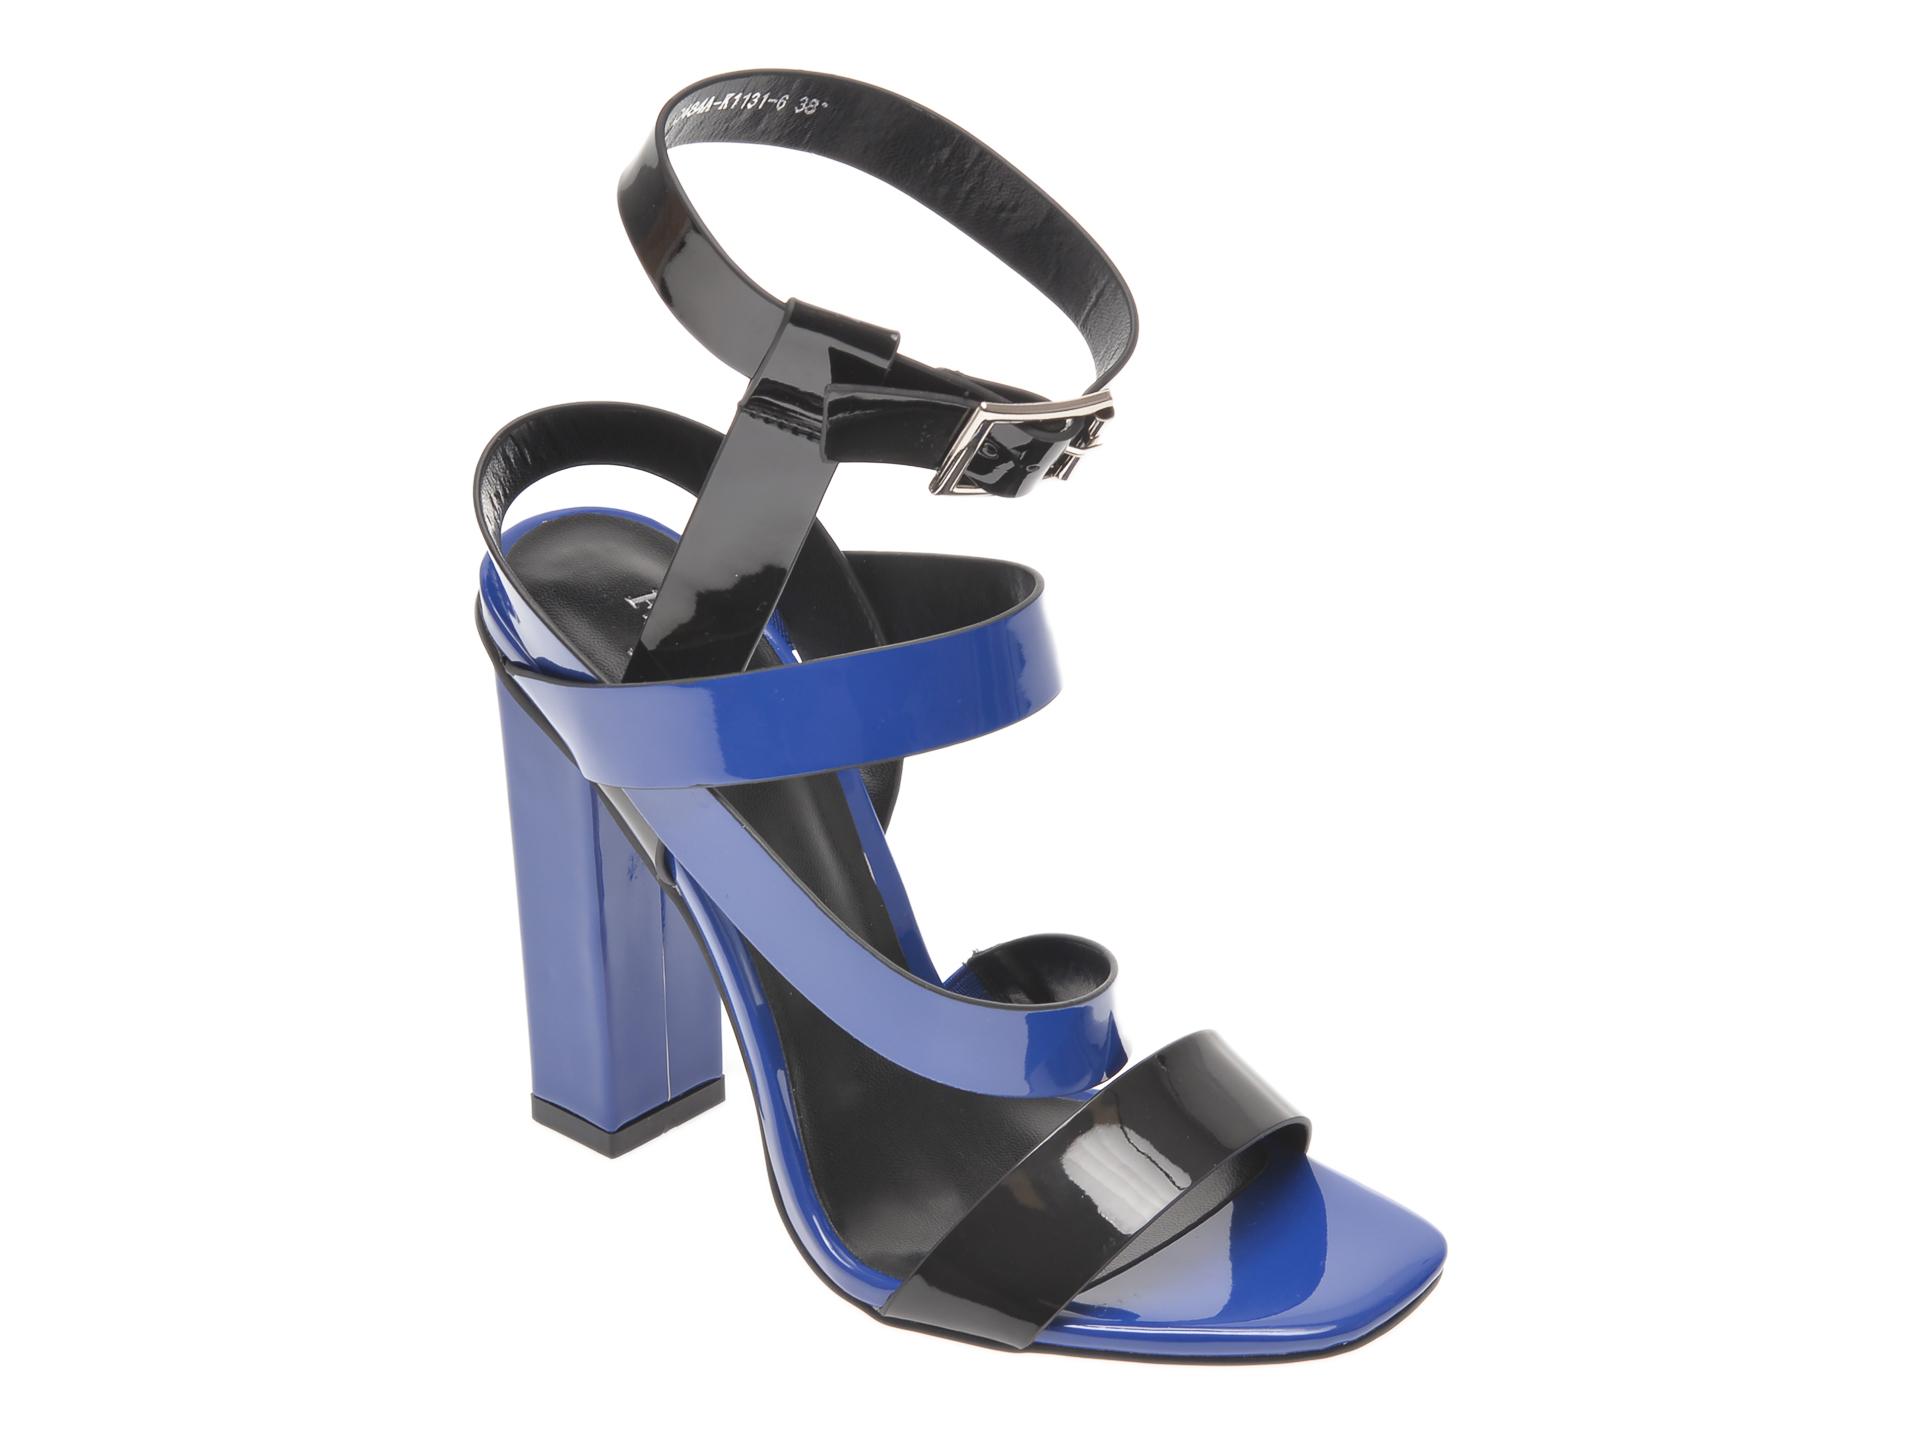 Sandale FLAVIA PASSINI albastre, C484AK1, din piele ecologica imagine